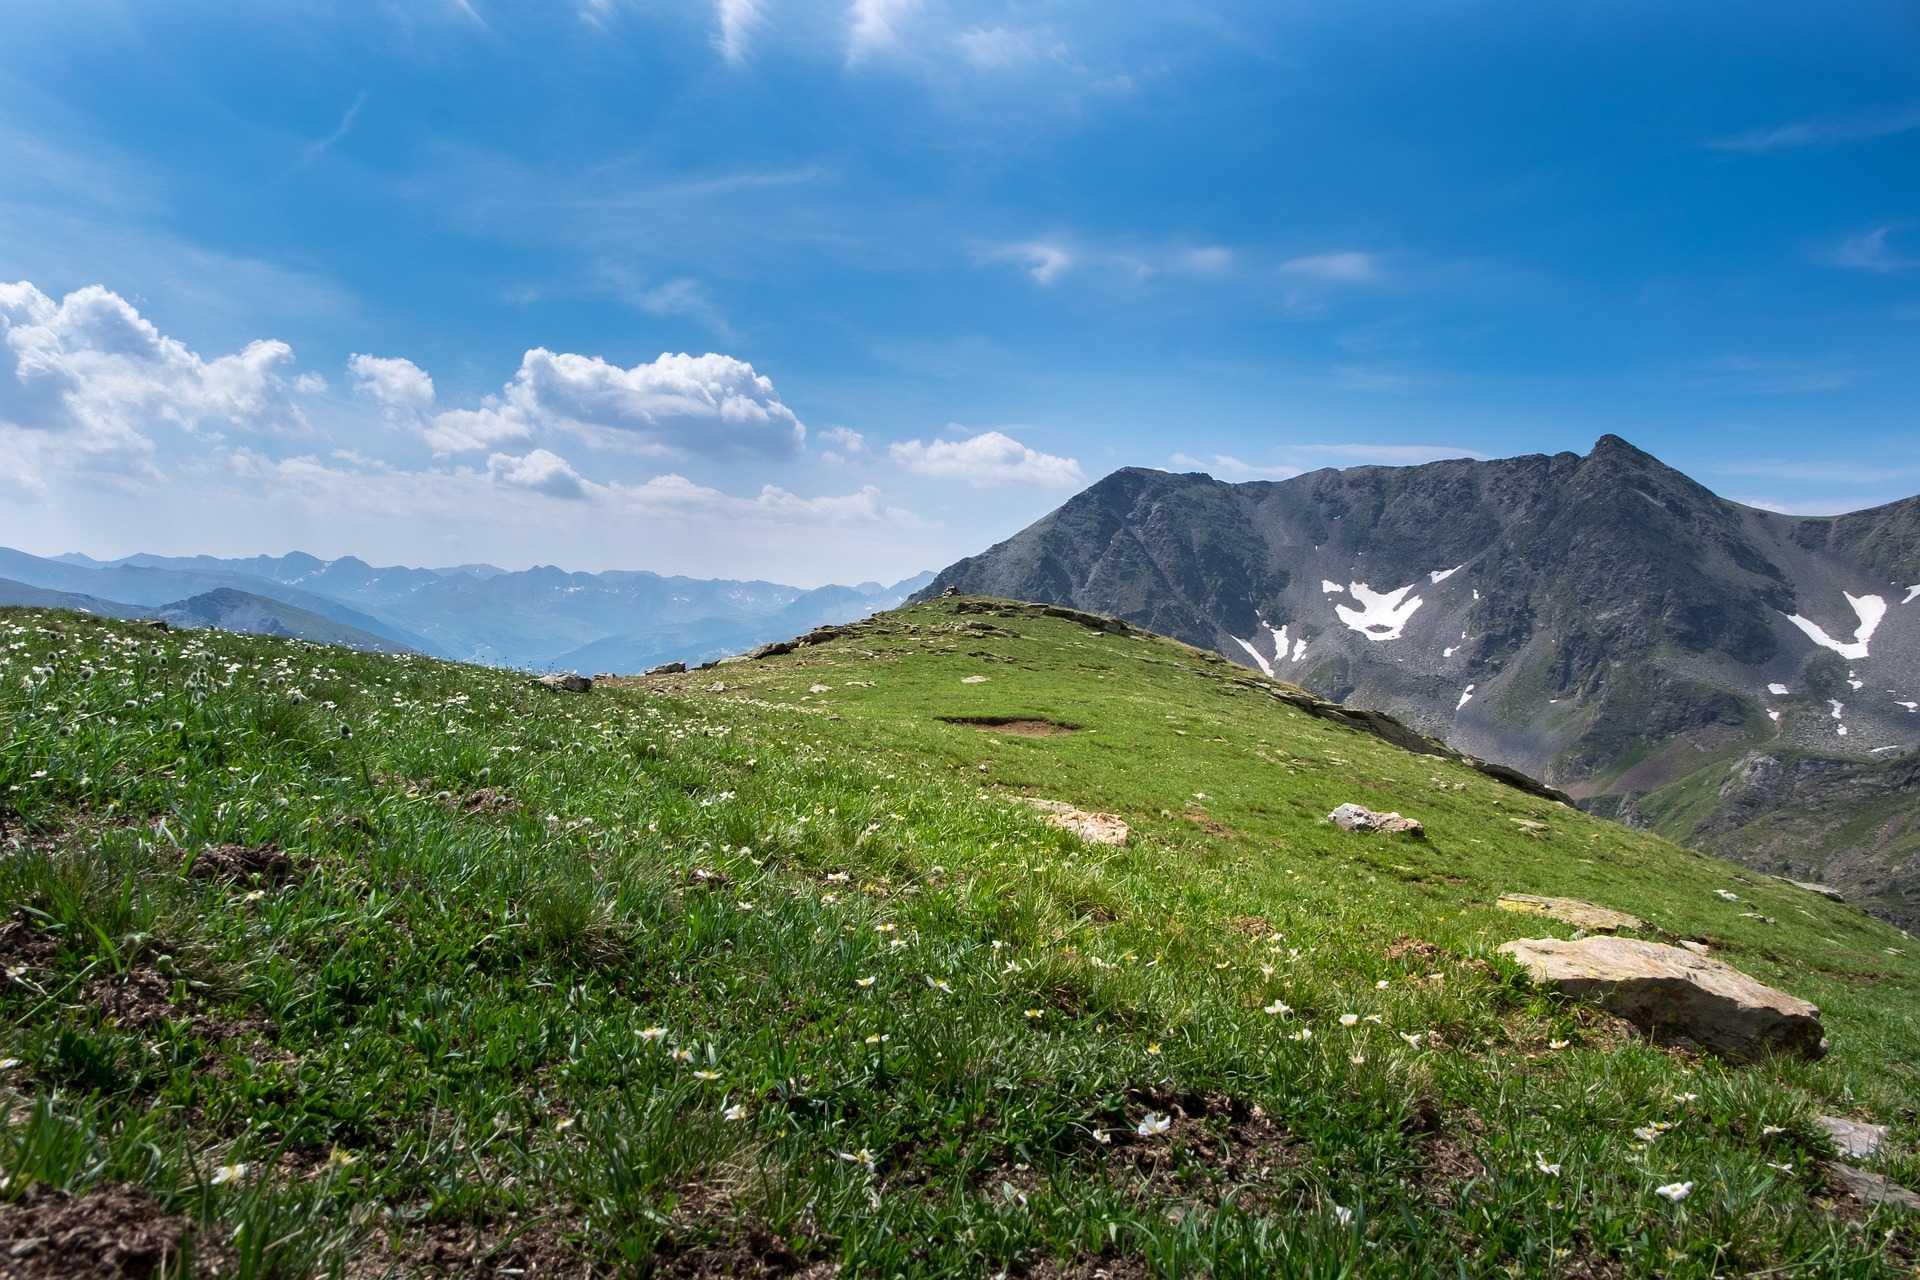 Plaine verte pleine de fleur deriière les montagnes peu enneigées